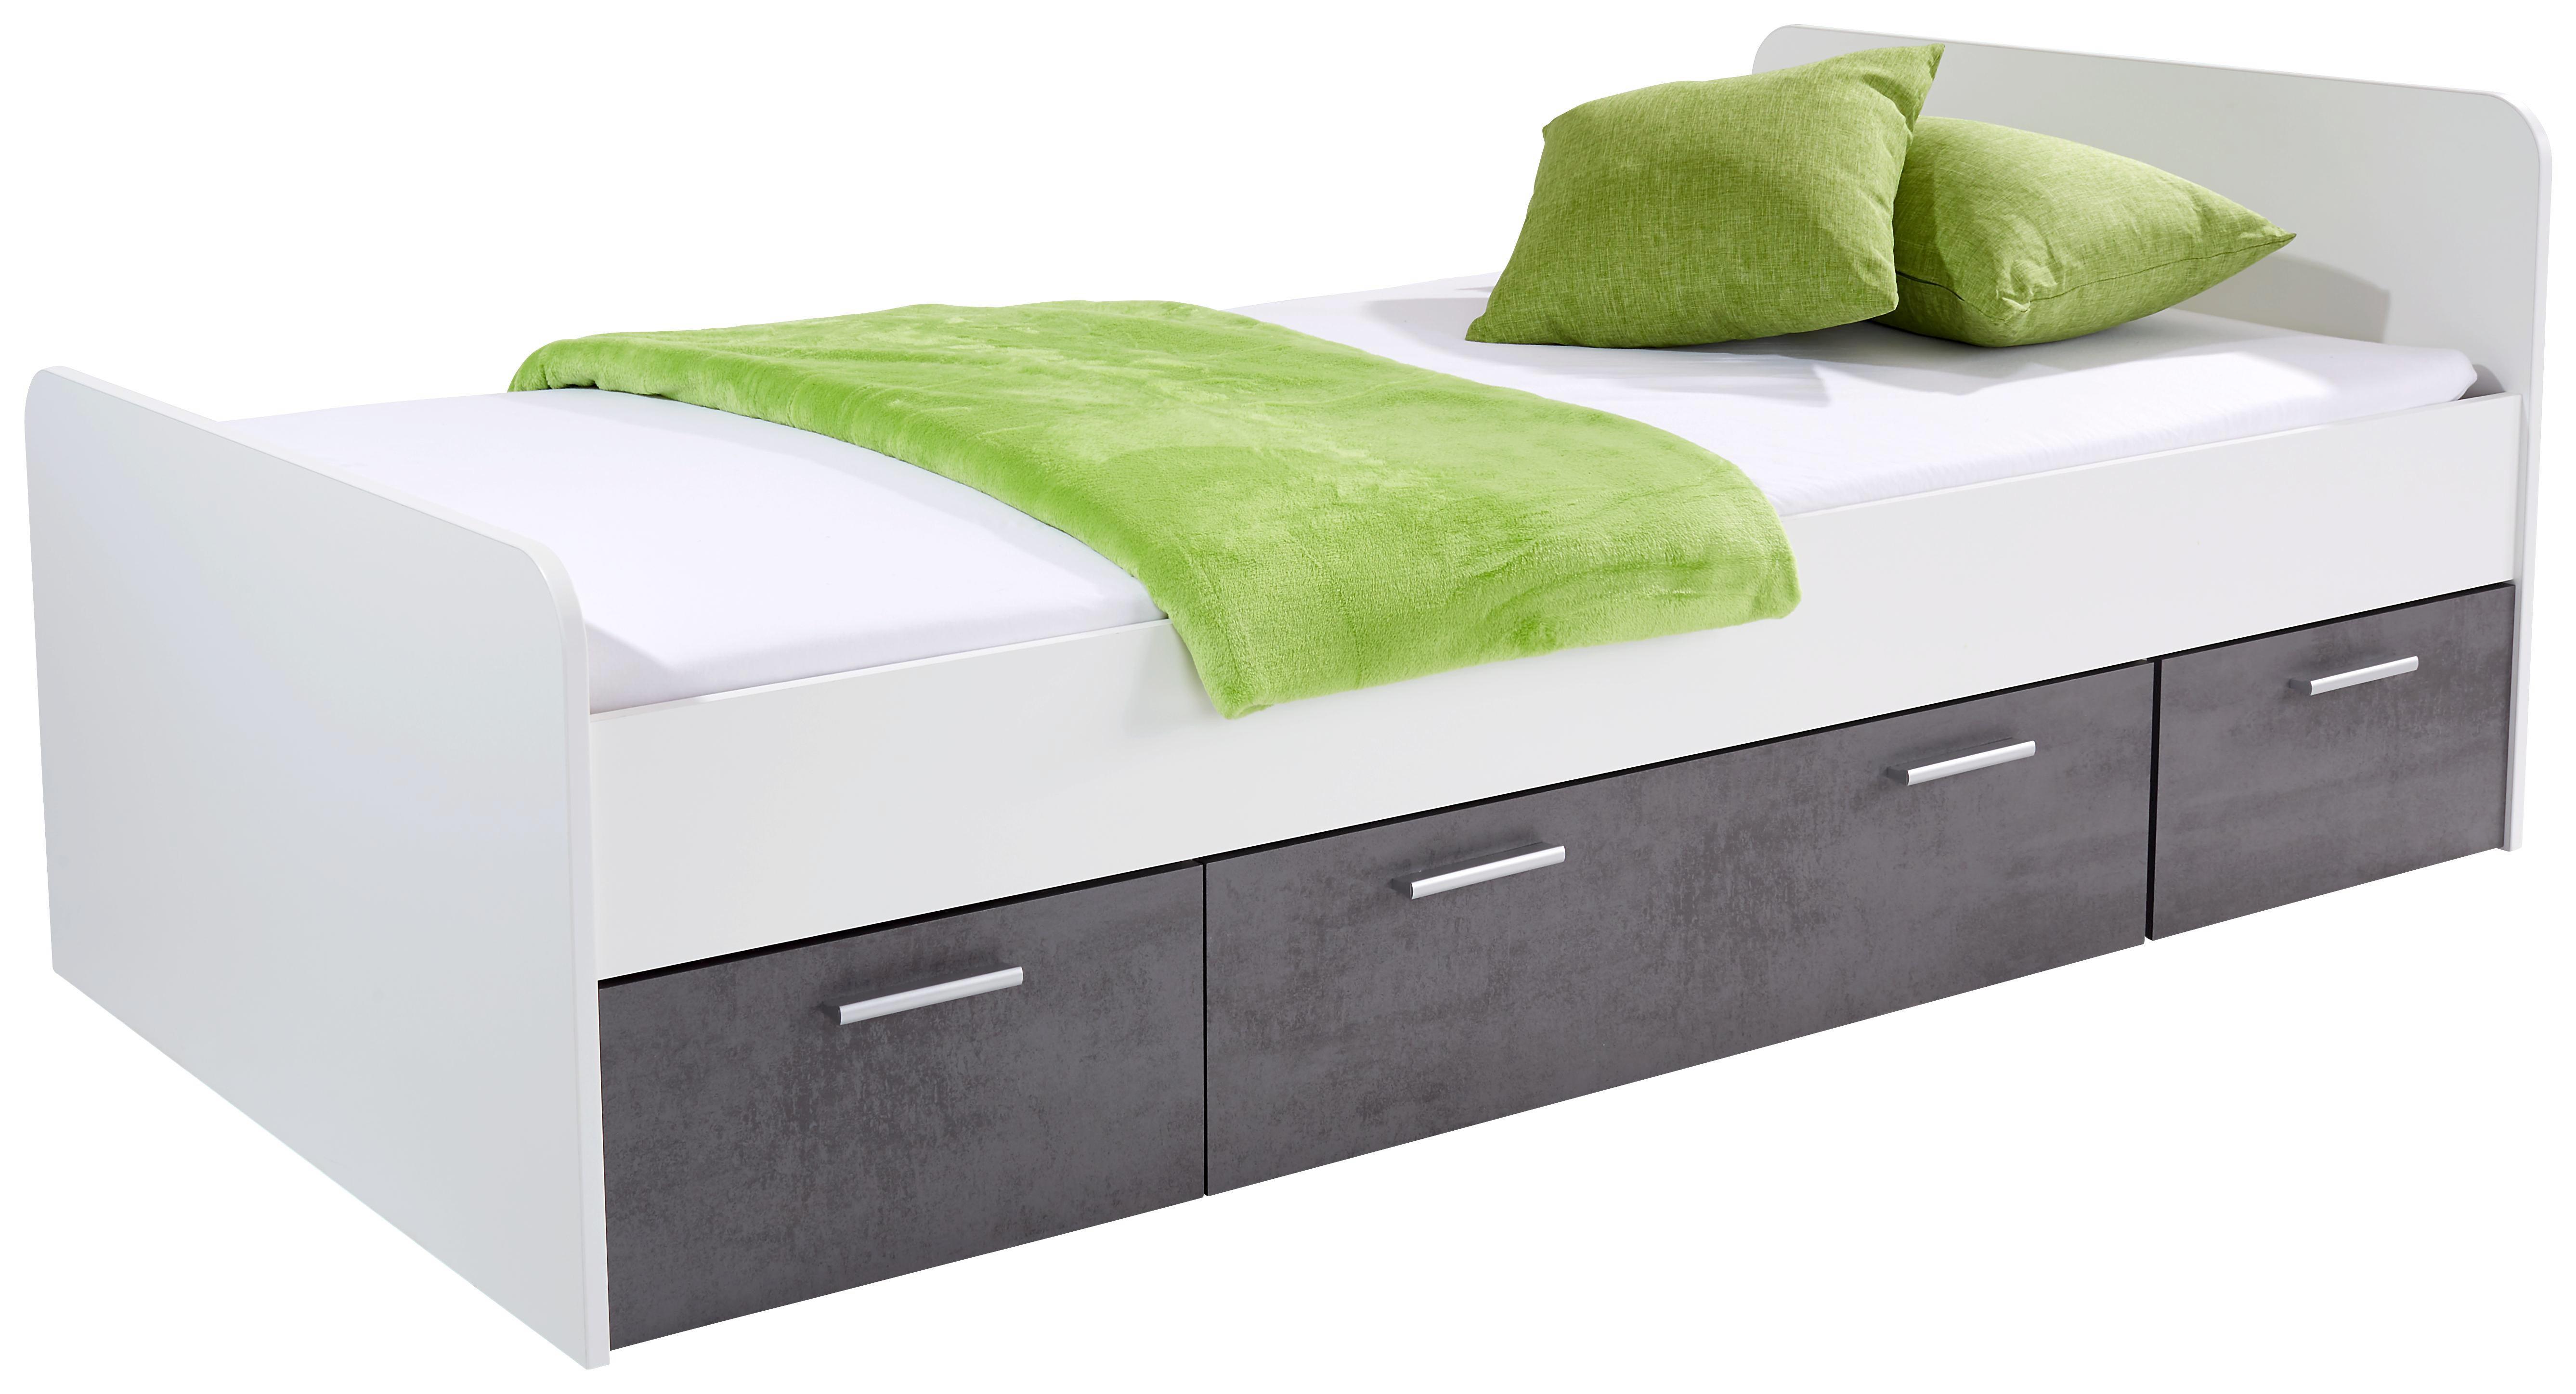 Senioren schlafzimmer mit einzelbett sale bettw sche im schlafzimmer erwinmueller frauen ideen - Senioren schlafzimmer mit einzelbett ...